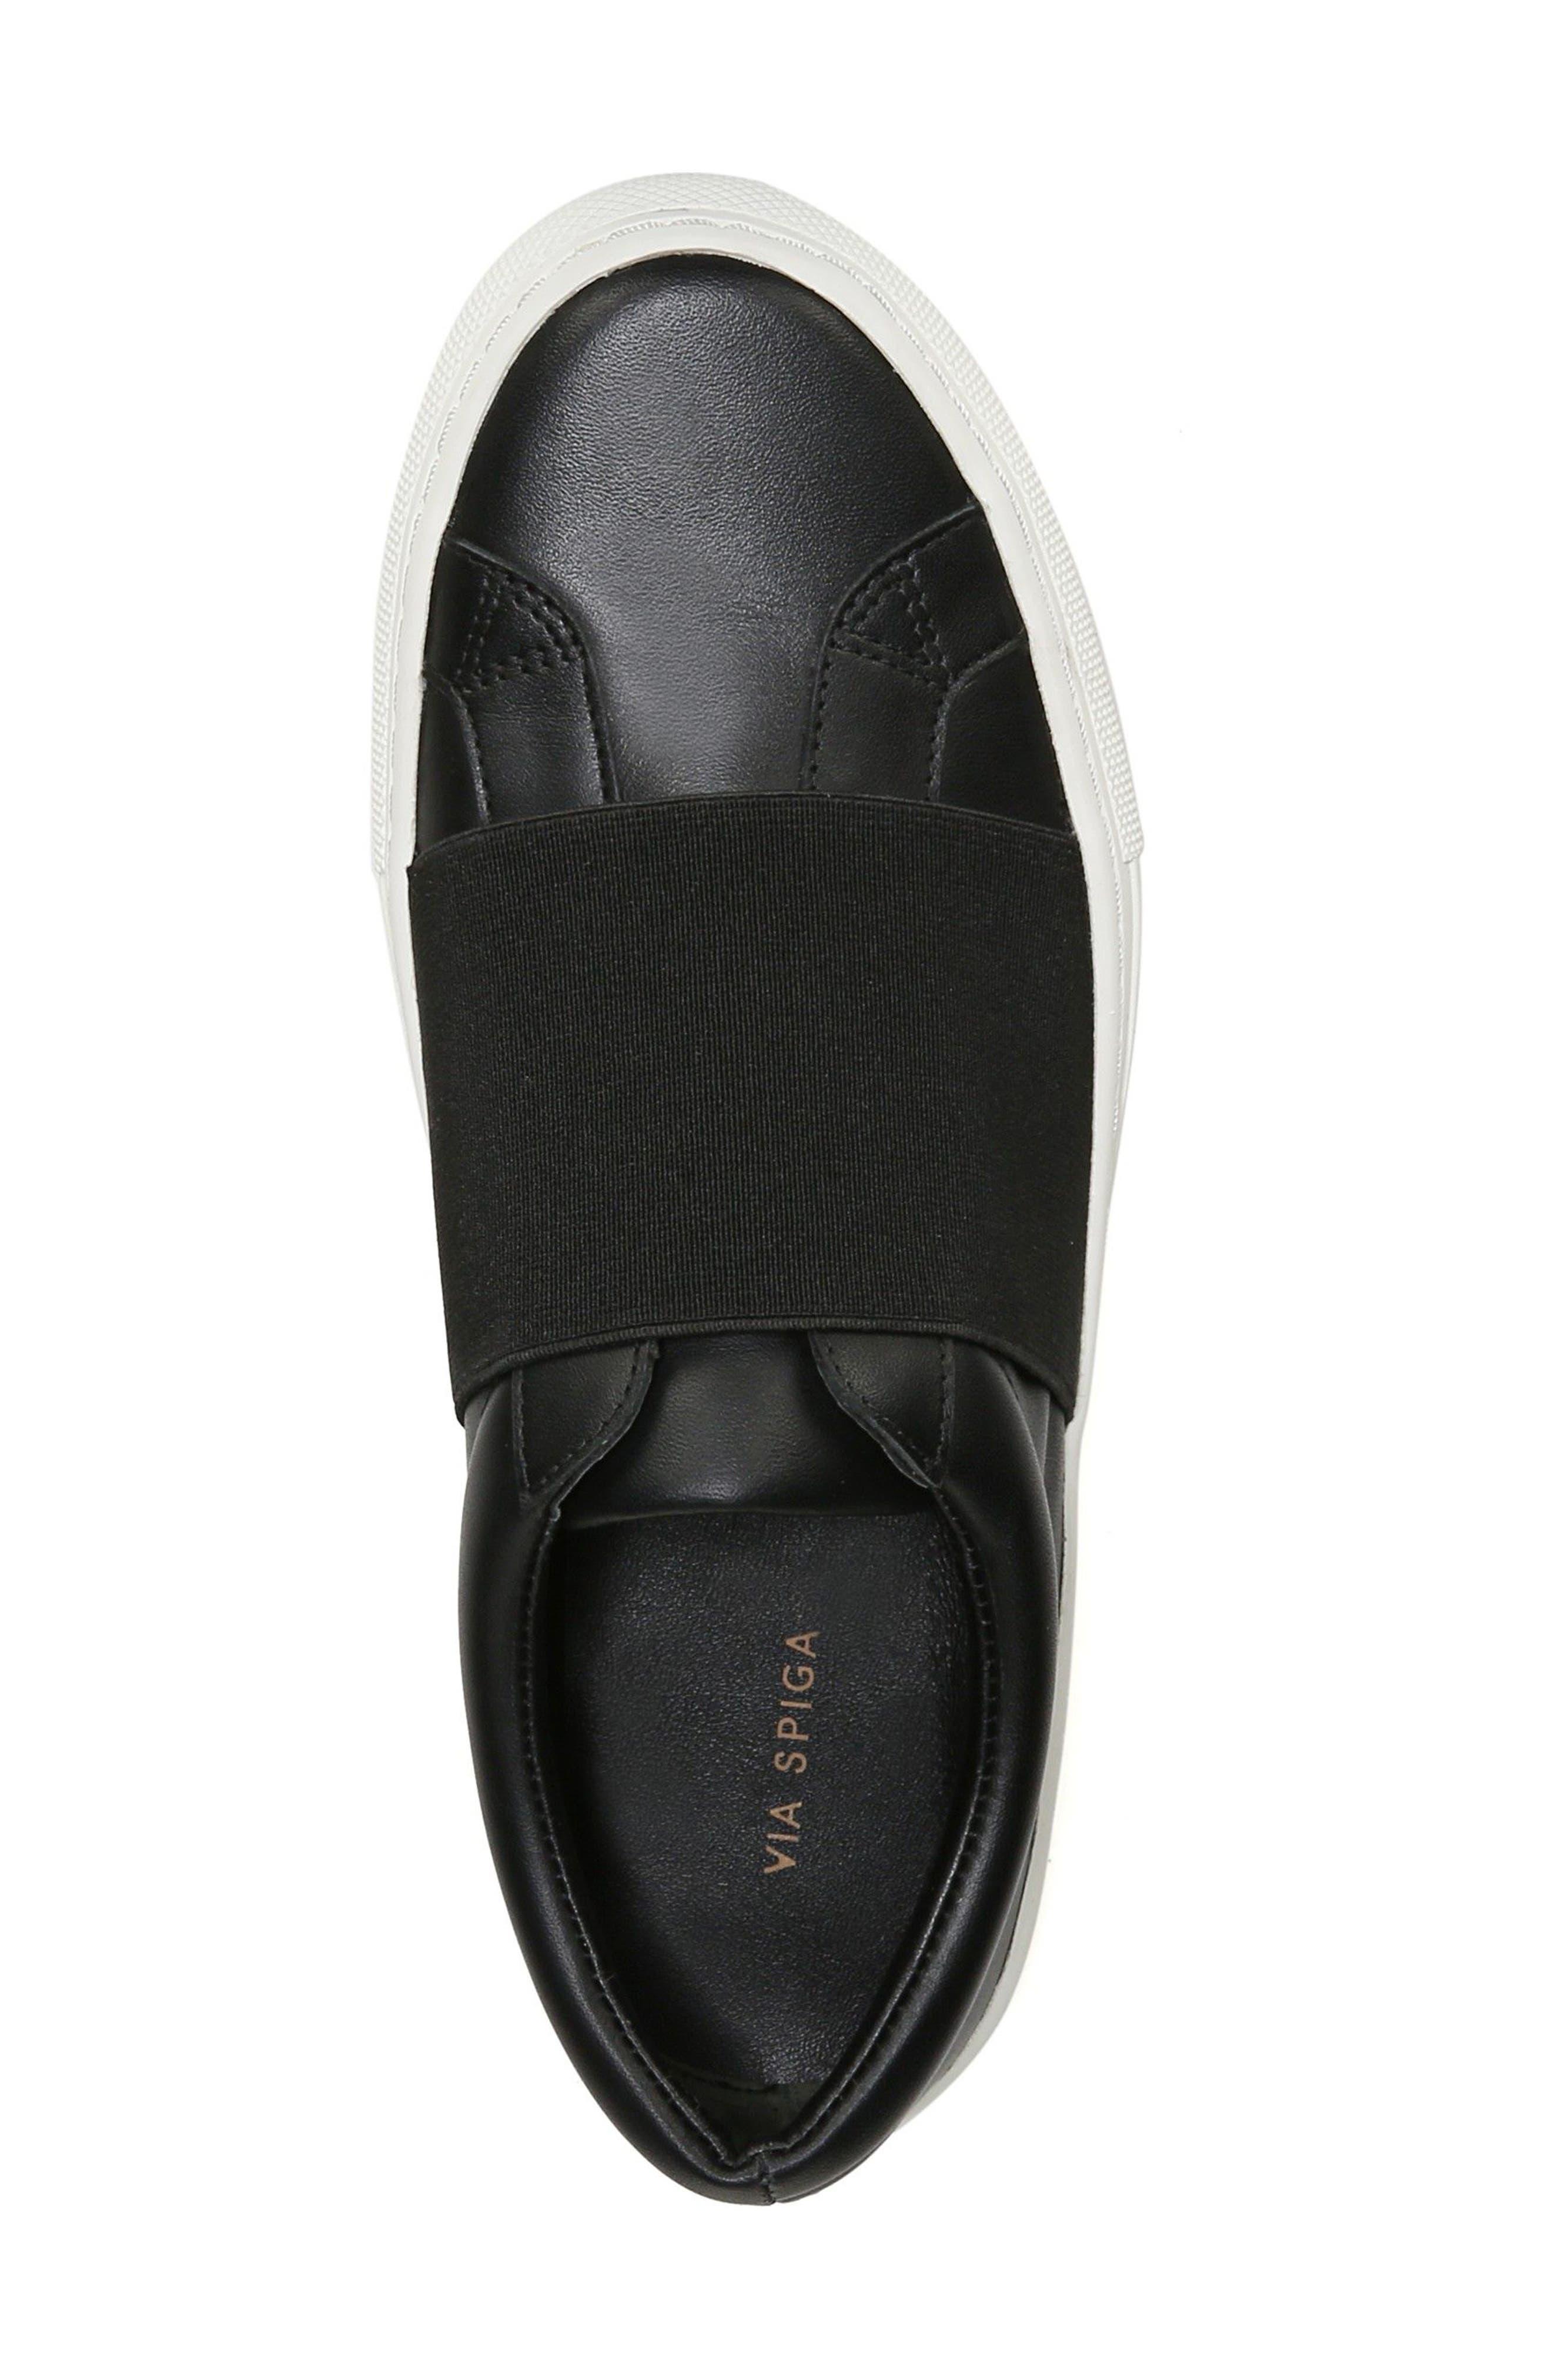 Saran Slip-On Sneaker,                             Alternate thumbnail 5, color,                             003